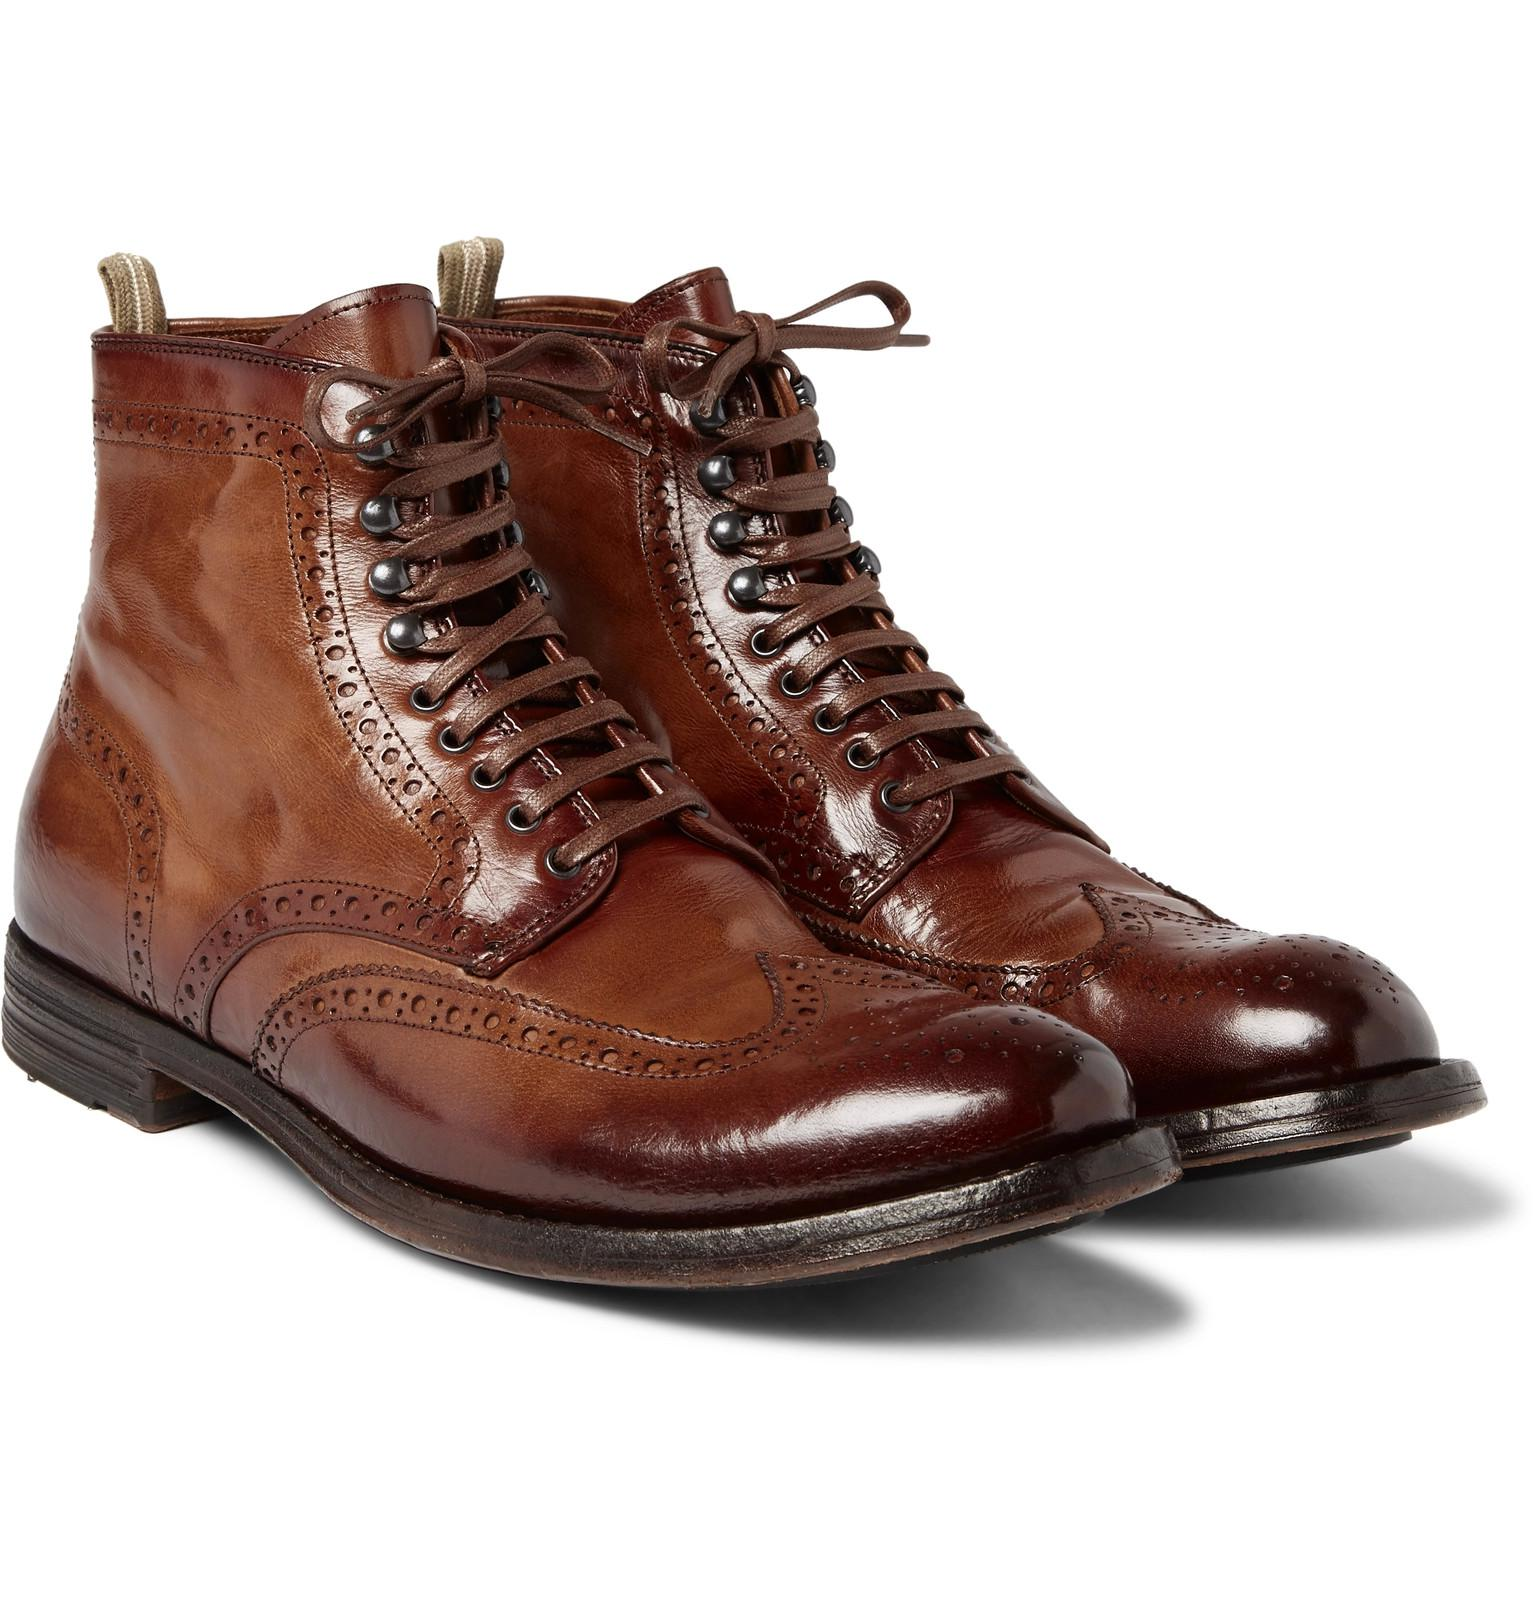 De Nombreux Types De Ligne Pas Cher Anatomia Burnished-leather Derby Boots - Dark brownOfficine Creative classique 7KupaOG